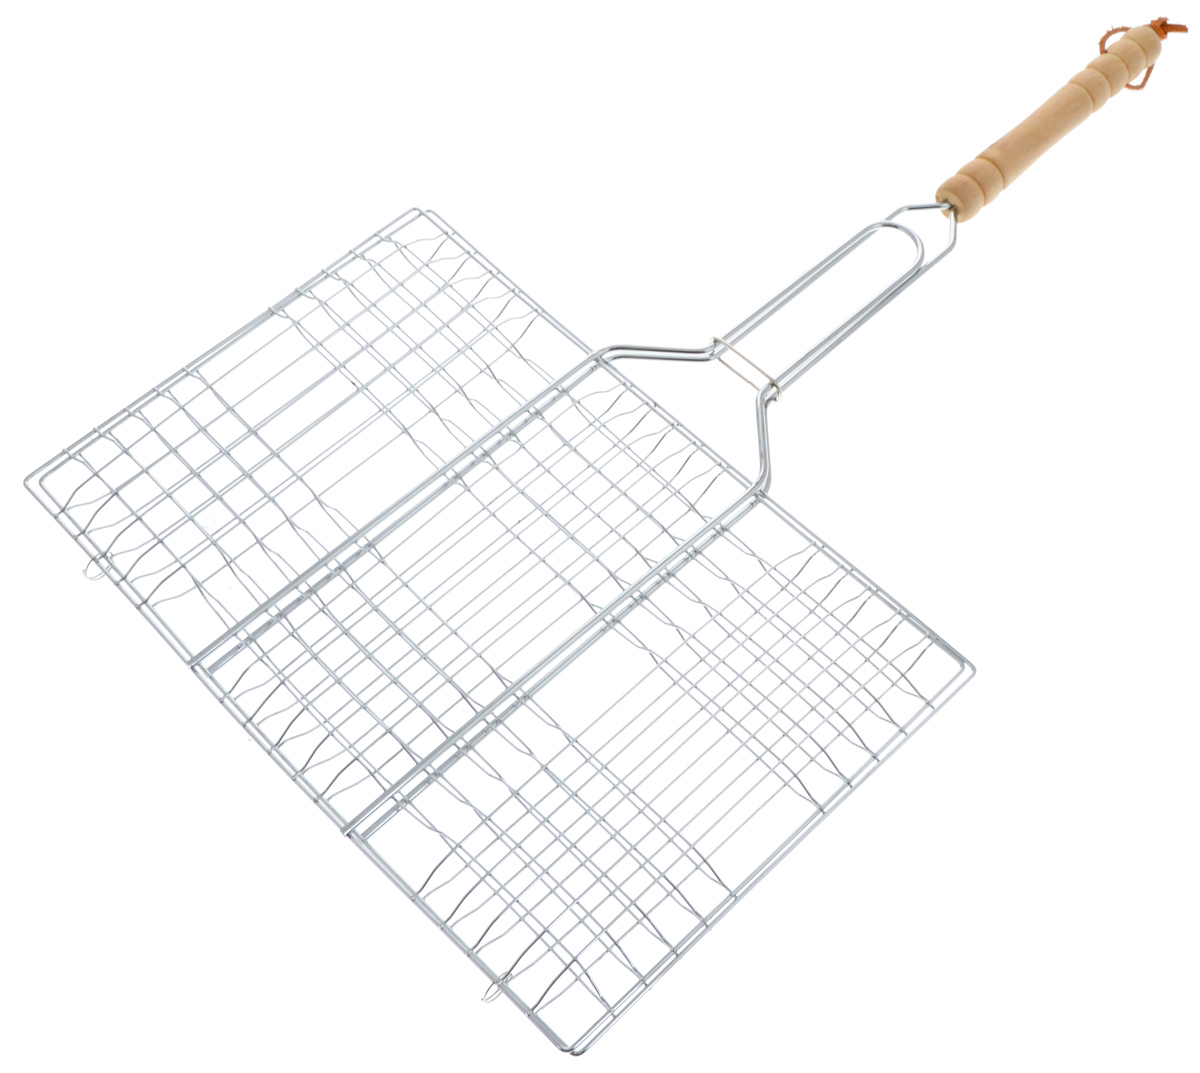 Решетка для барбекю Мультидом Отдых, 34,5 х 22,5 смAN84-23Решетка для барбекю Мультидом Отдых изготовлена из стальной проволоки. Ручка изготовлена из дерева и оснащена петелькой для удобного хранения. Решетка без бортиков снабжена зажимом, который гарантирует, что решетка не откроется, и продукты не выпадут. С помощью данного изделия вы сможете приготовить любой продукт, от тонких до крупных ломтиков, рыбу, мясо или овощи на углях. Изделие легко переворачивается. Такая решетка - отличное решение для использования на природе. Процесс готовки на углях соберет друзей вокруг огня, а вкус блюд нежных, сочных, с запахом дымка и специй, создаст незабываемую атмосферу праздника на вашем пикнике. Размер решетки: 34,5 х 22,5 см. Длина решетки (с ручкой): 55,8 см.